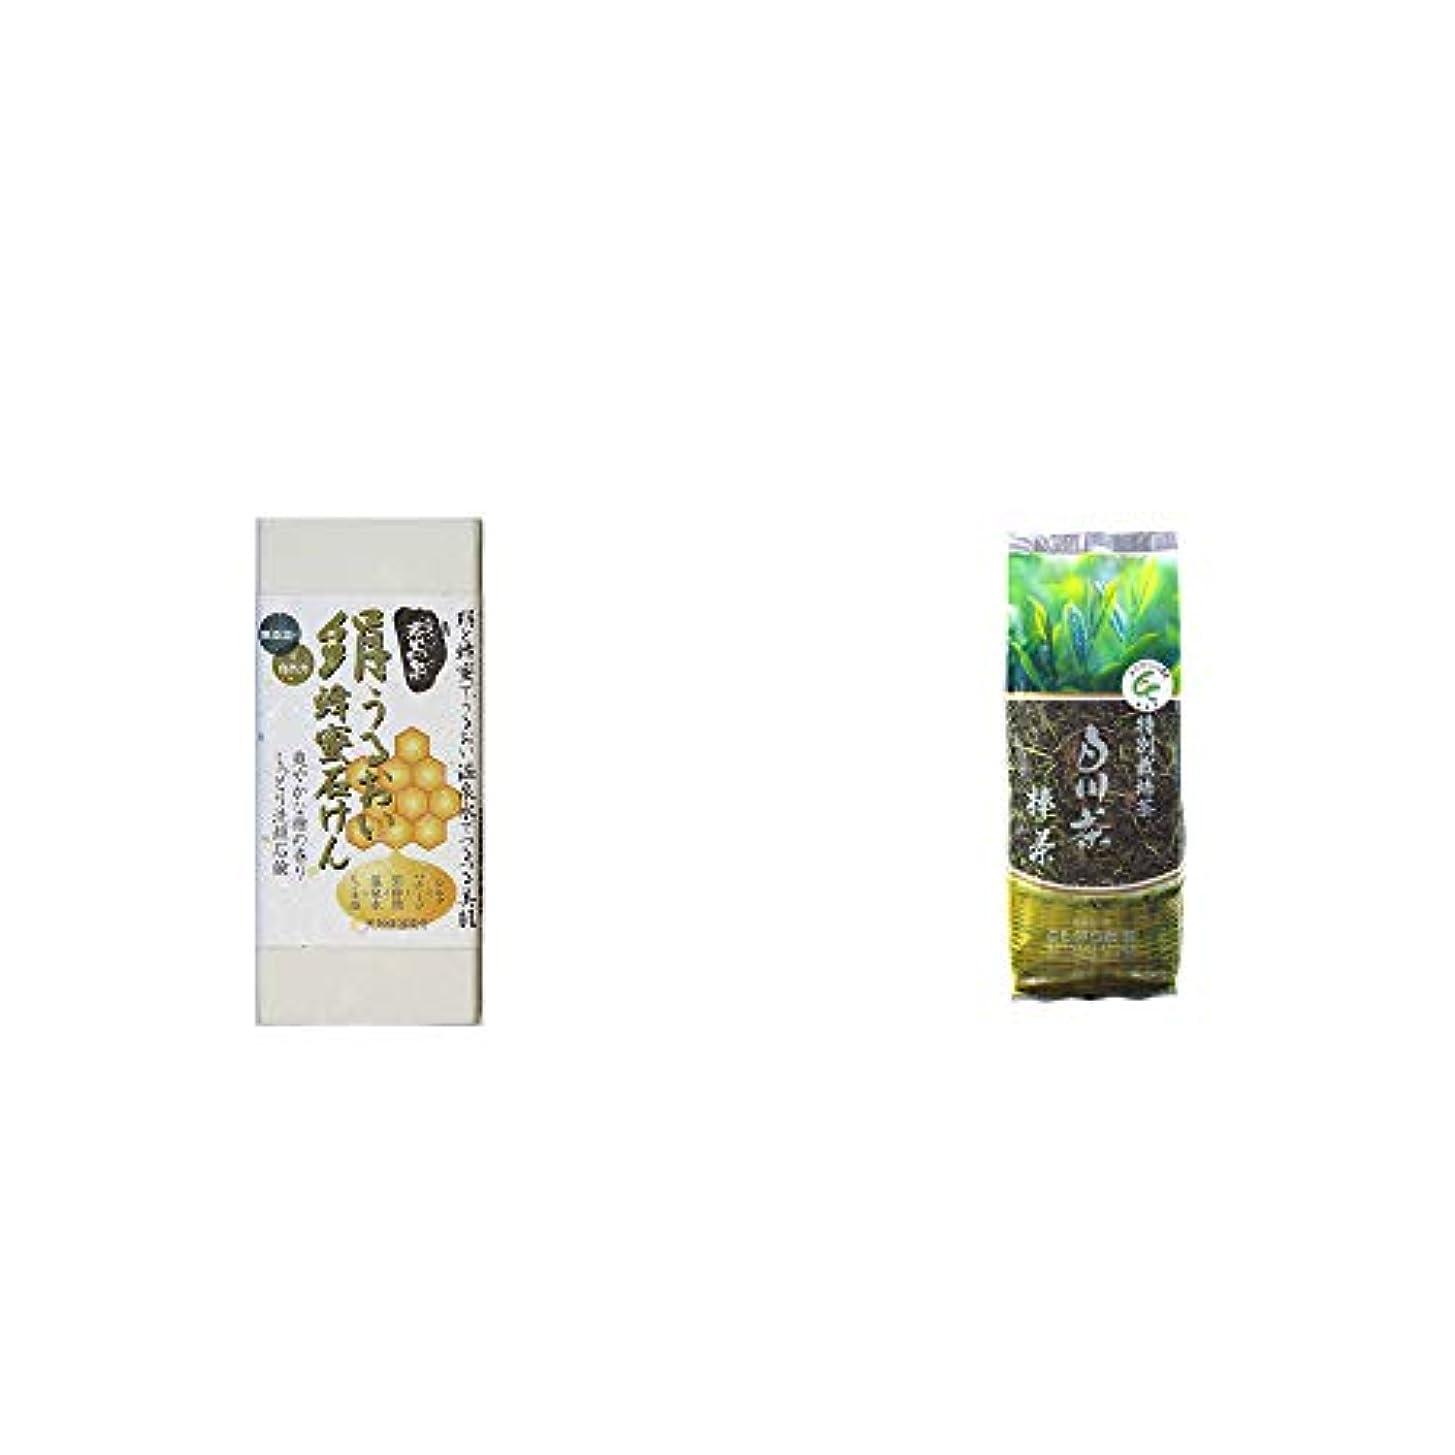 詐欺師マーケティング伝染性[2点セット] ひのき炭黒泉 絹うるおい蜂蜜石けん(75g×2)?白川茶 特別栽培茶【棒茶】(150g)